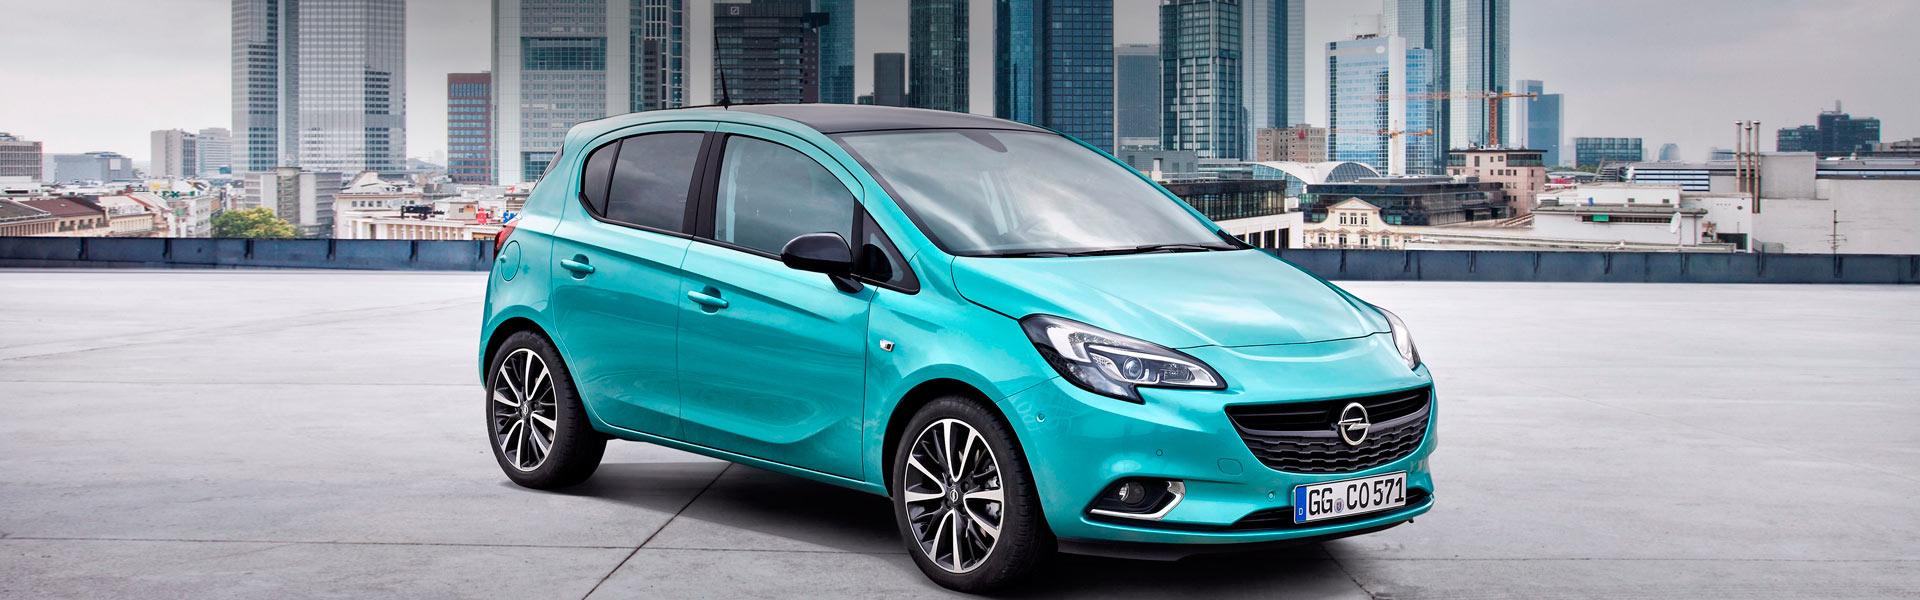 Стойка стабилизатора на Opel Corsa